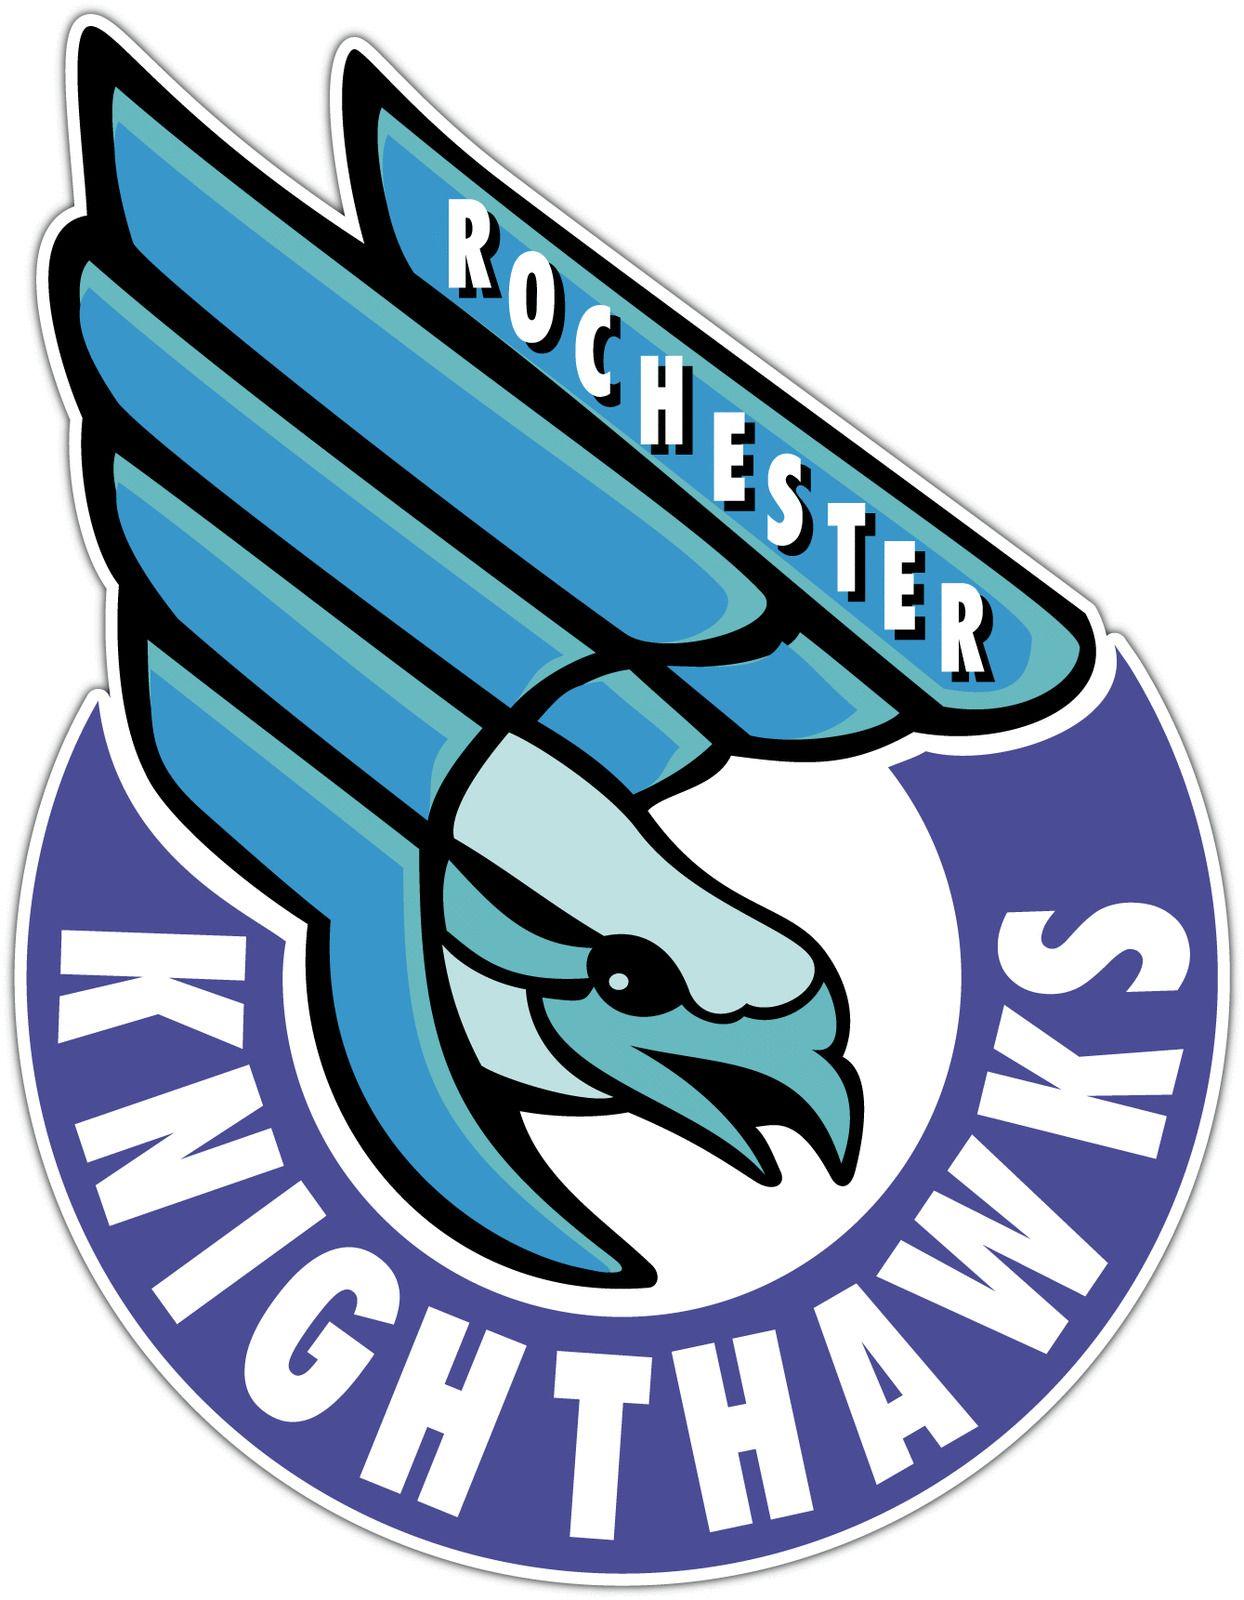 Rochester Knighthawks Nll Lacrosse Car Bumper Locker Window Sticker Decal Lacrosse Sports Logo Design Lacrosse Team [ 1600 x 1244 Pixel ]